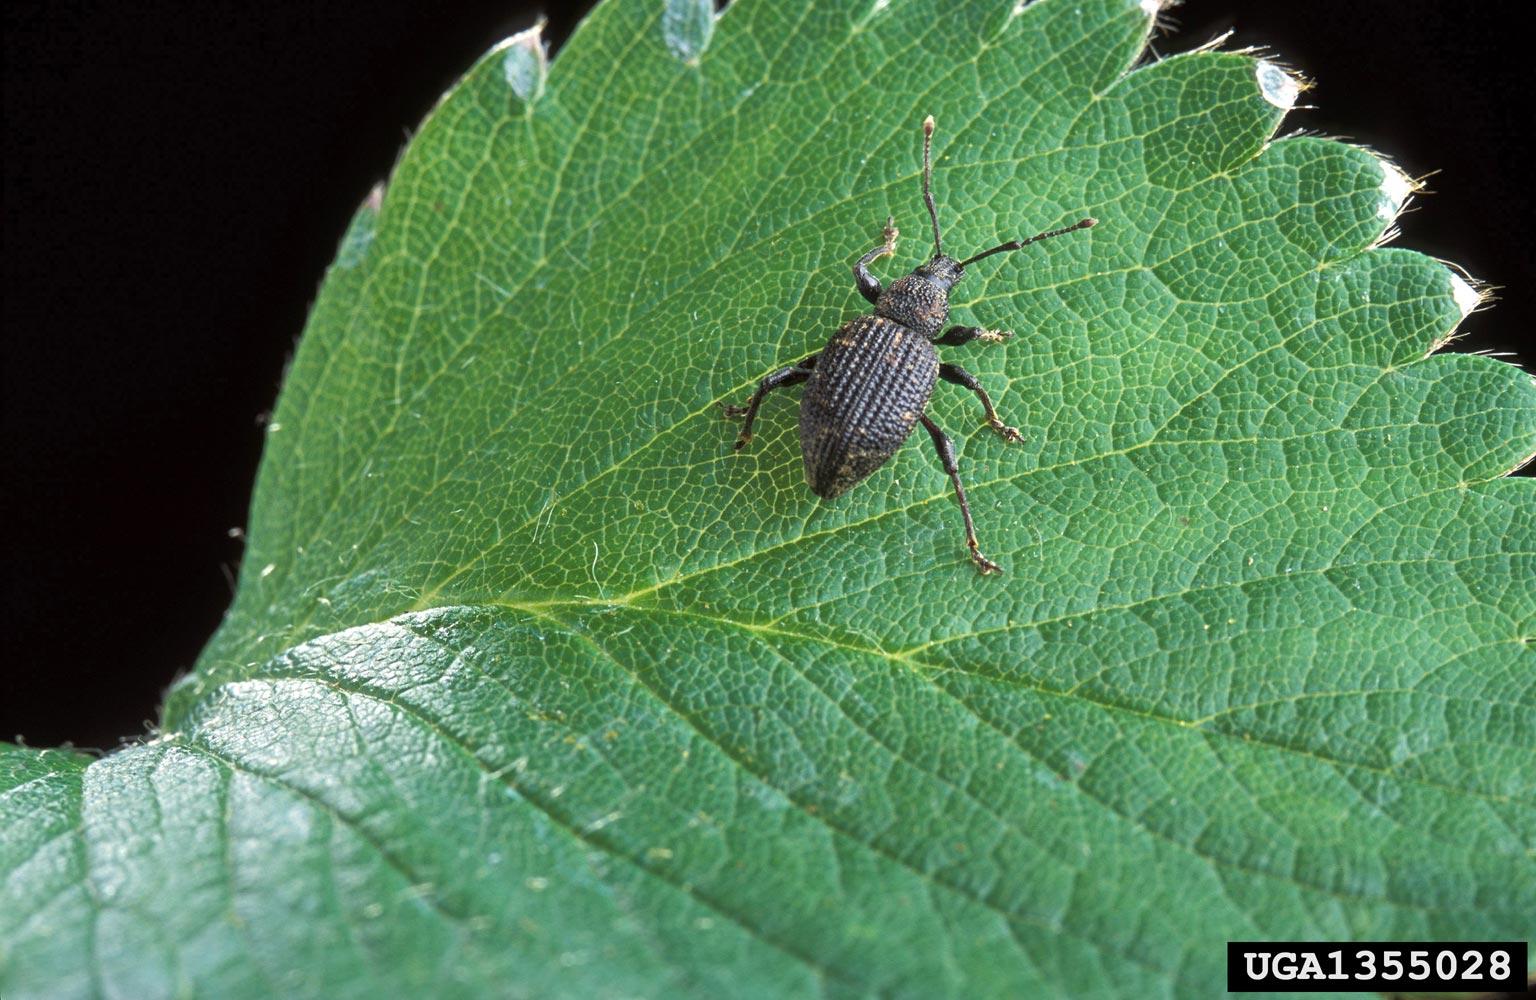 Black Vine Weevil Damage What Kills Black Vine Weevils